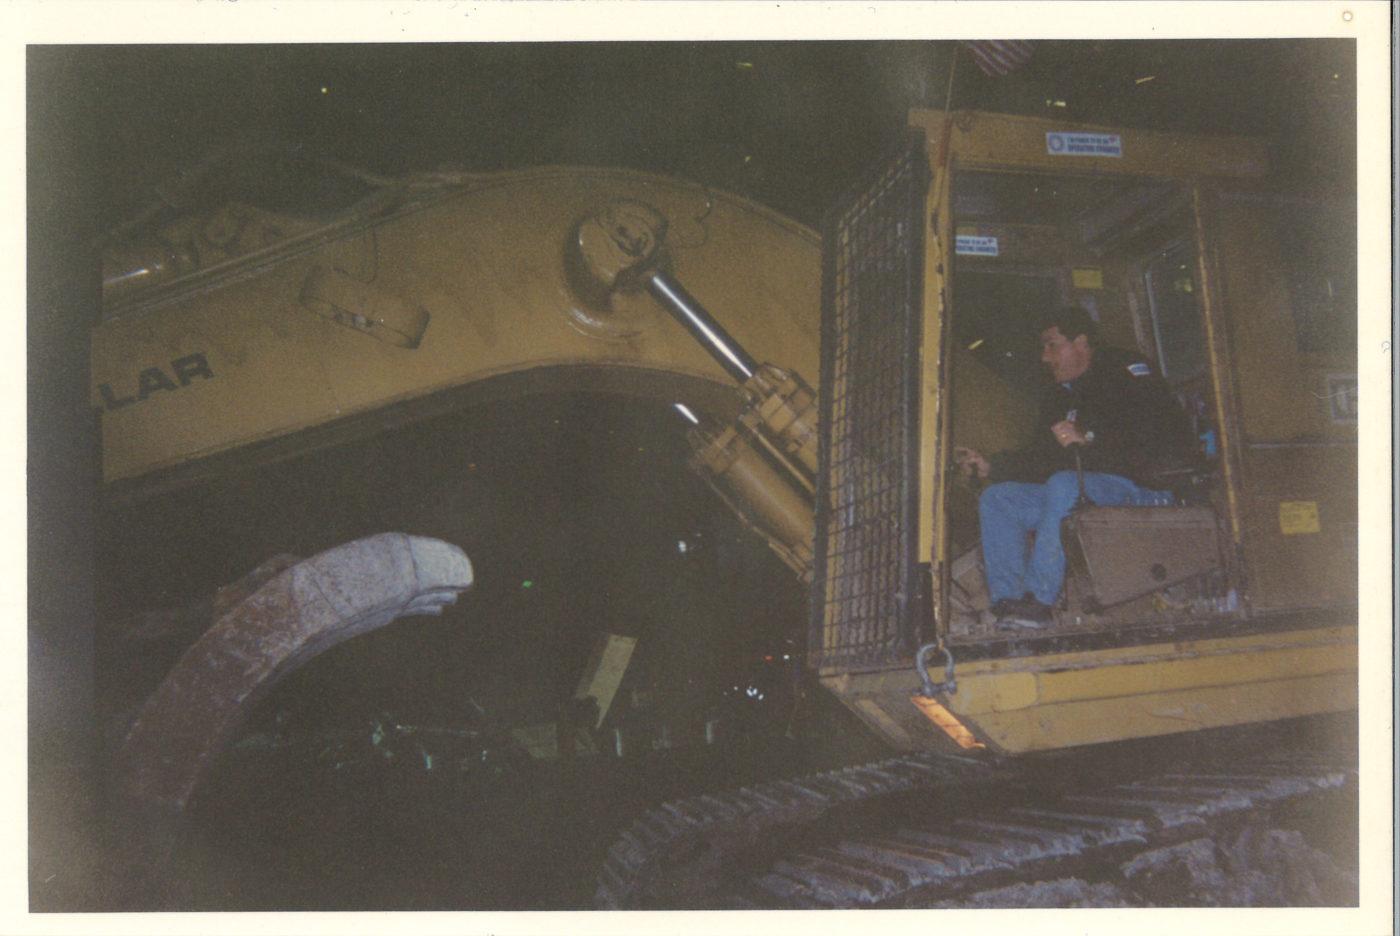 Unknown worker on heavy machiney at Ground Zero